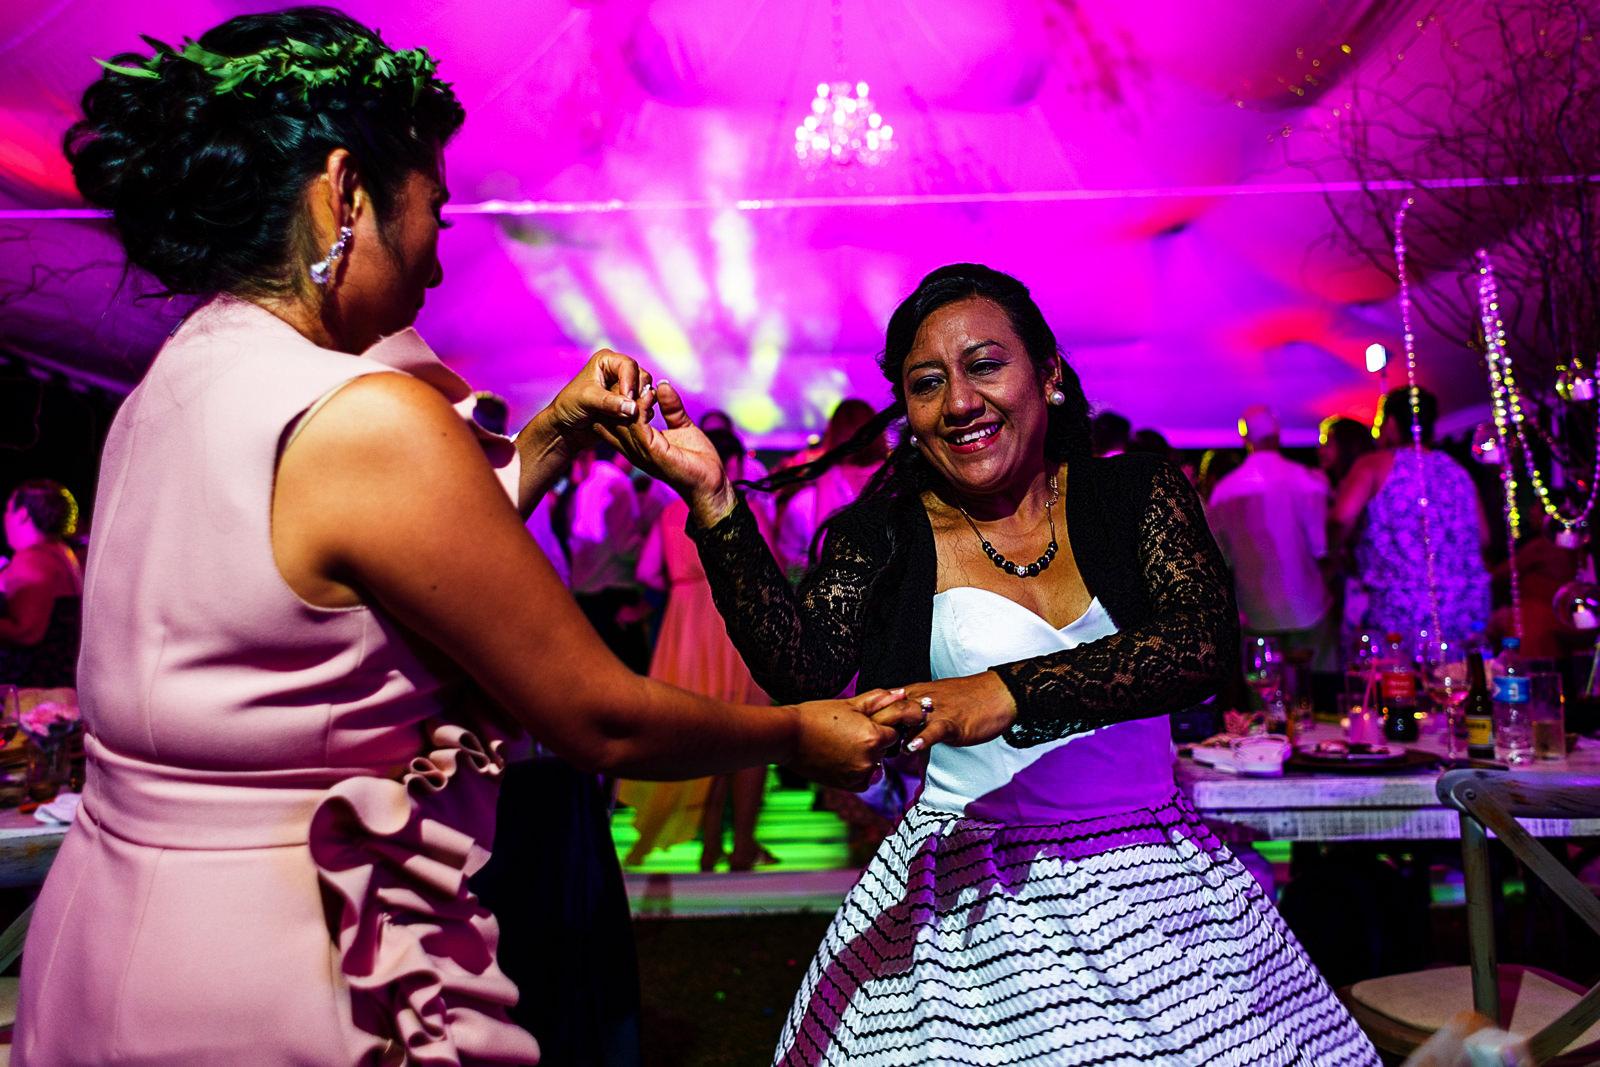 Dos mujeres bailan en la recepción de boda